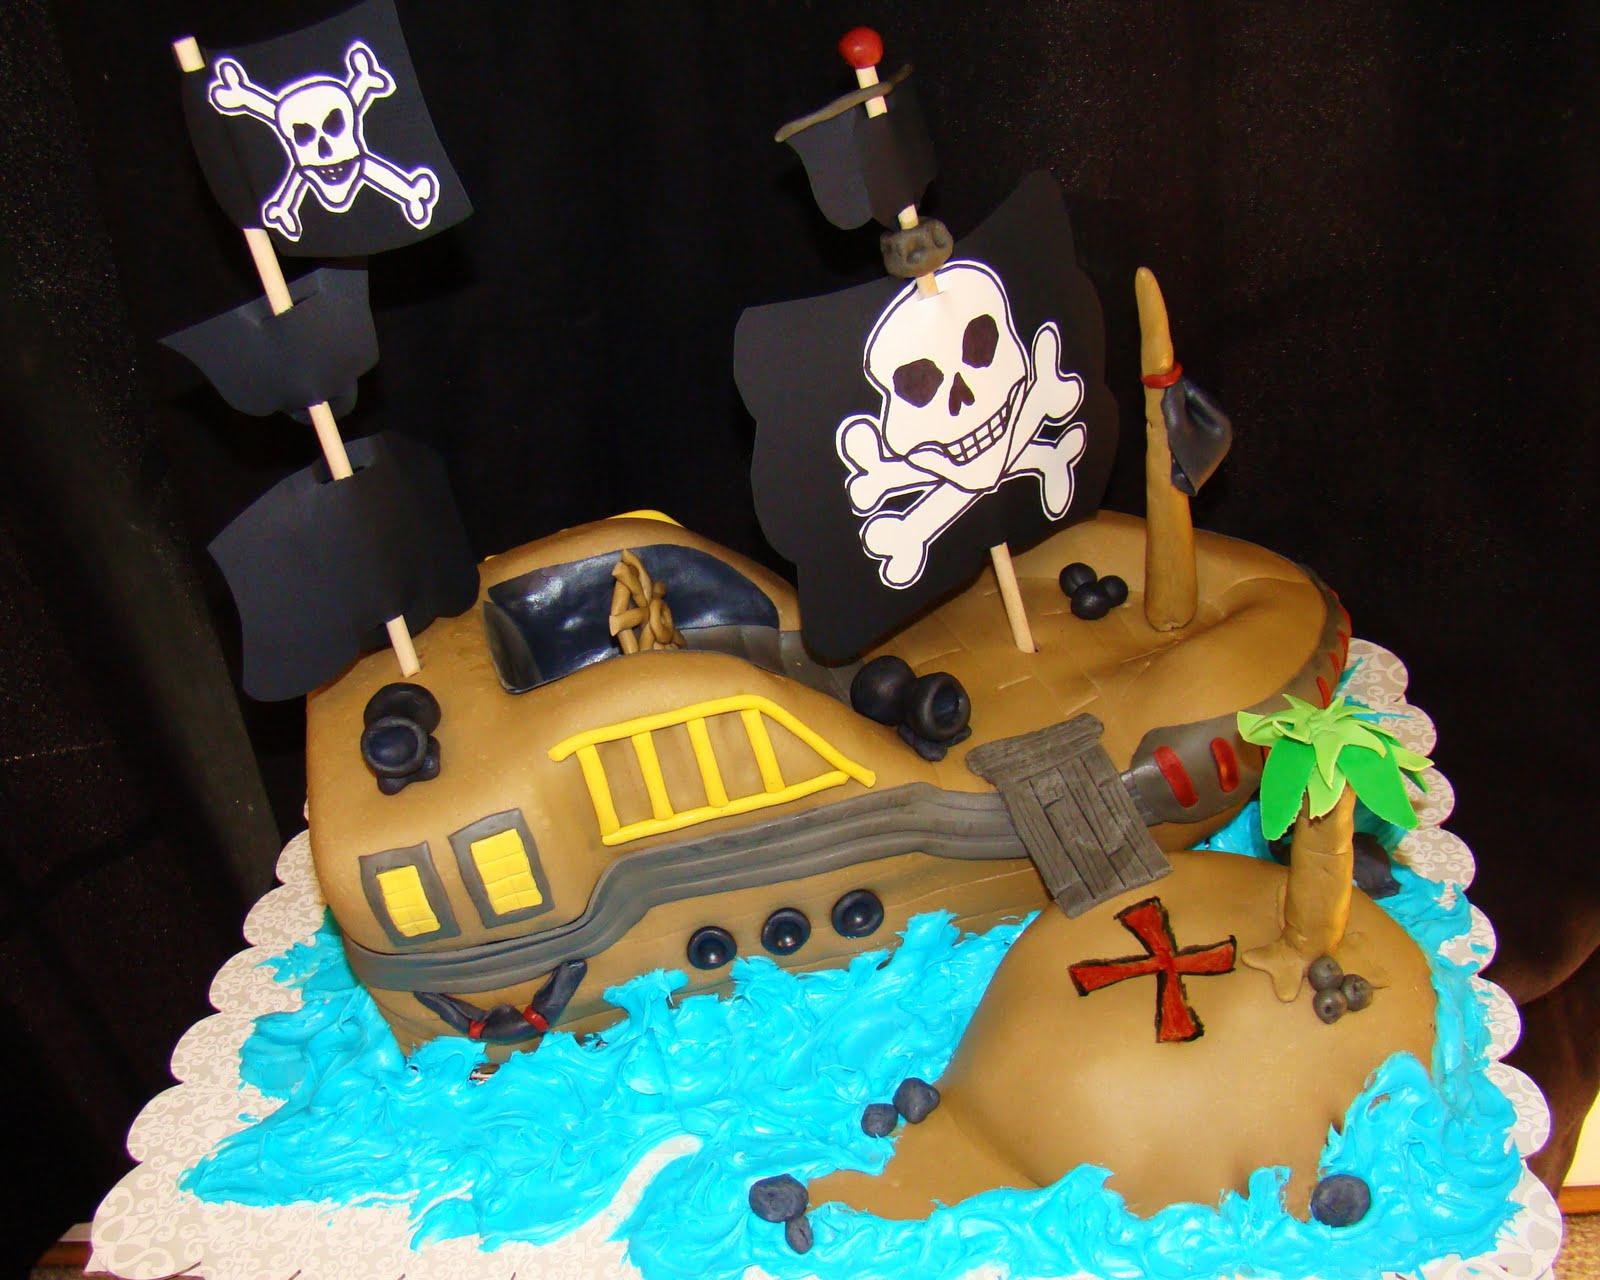 http://1.bp.blogspot.com/_zPOvpKvWtG4/SwtuhMAfDNI/AAAAAAAAB4s/j48jI7vji64/s1600/Pirate+ship+Pena.jpg